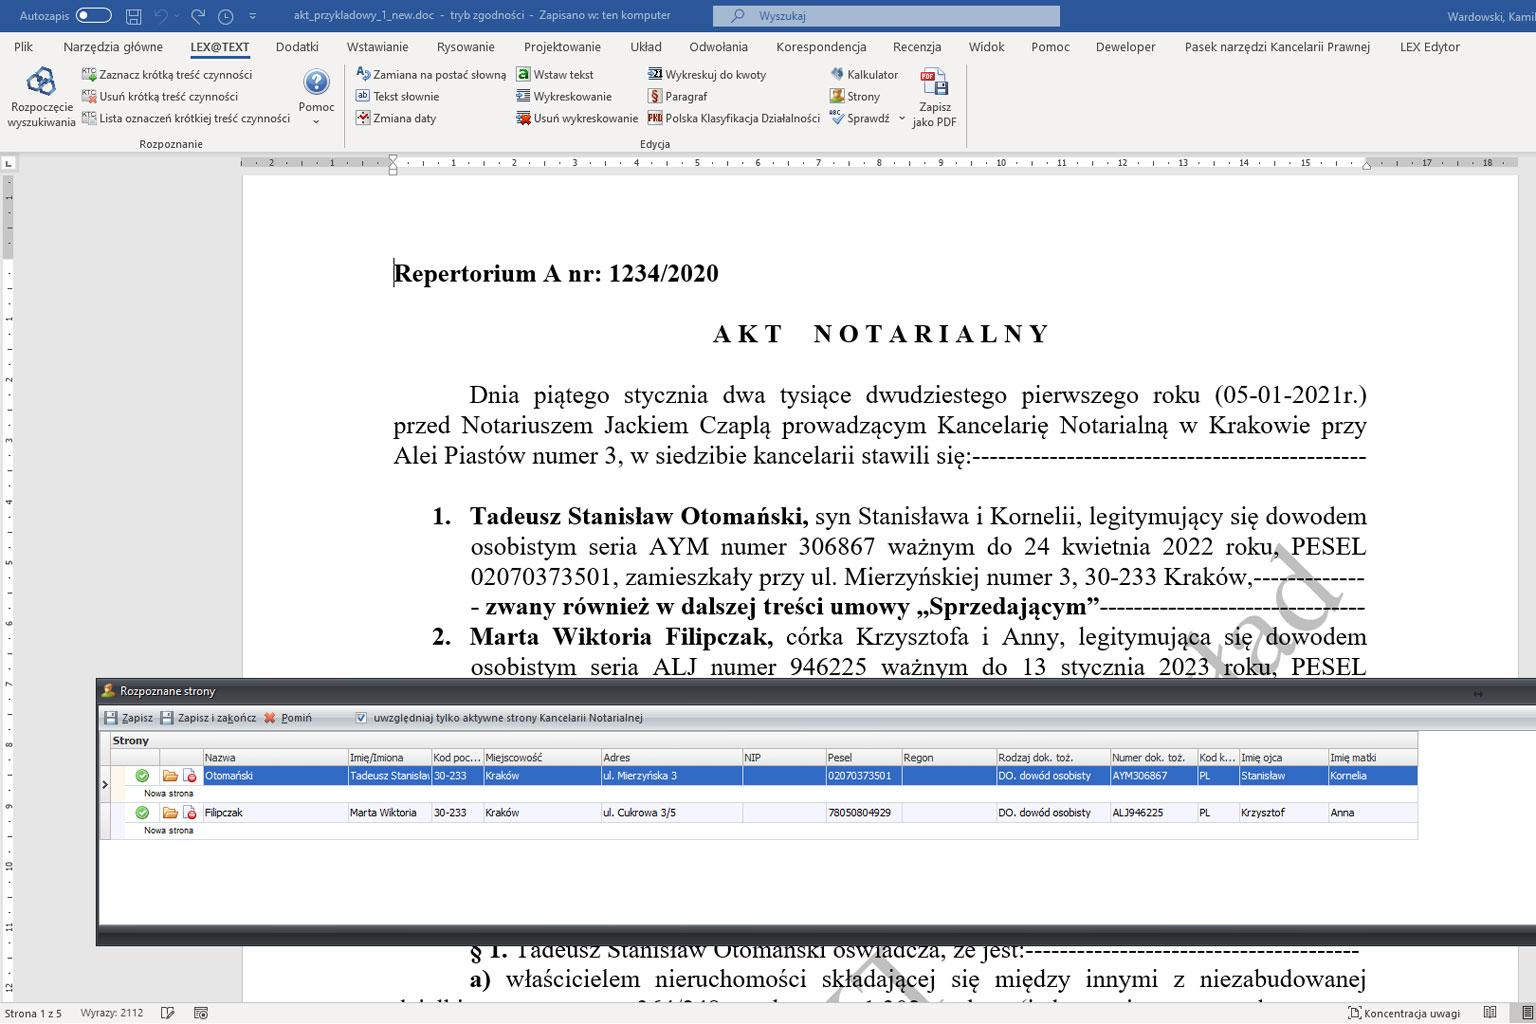 Automatyczne rozpoznawanie aktów notarialnych – LEX@Text